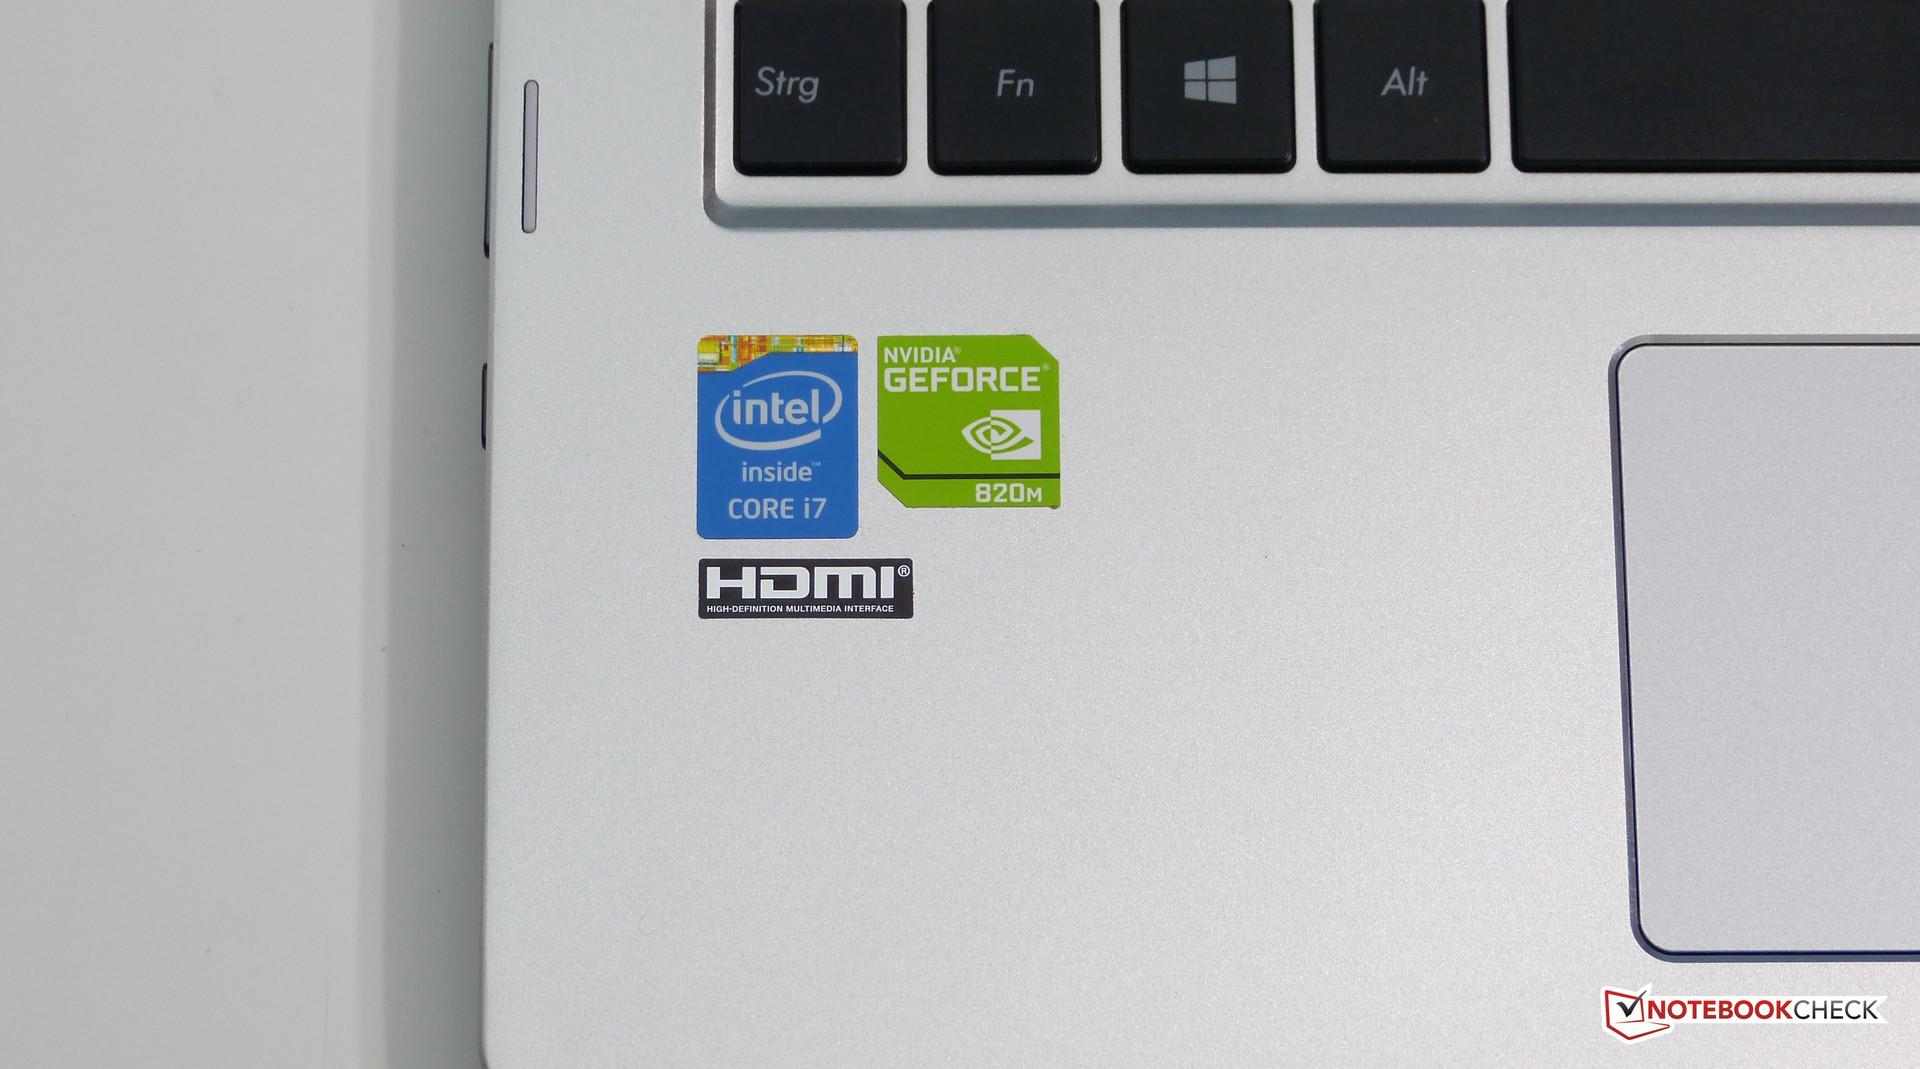 Geforce 820m driver windows 8 1